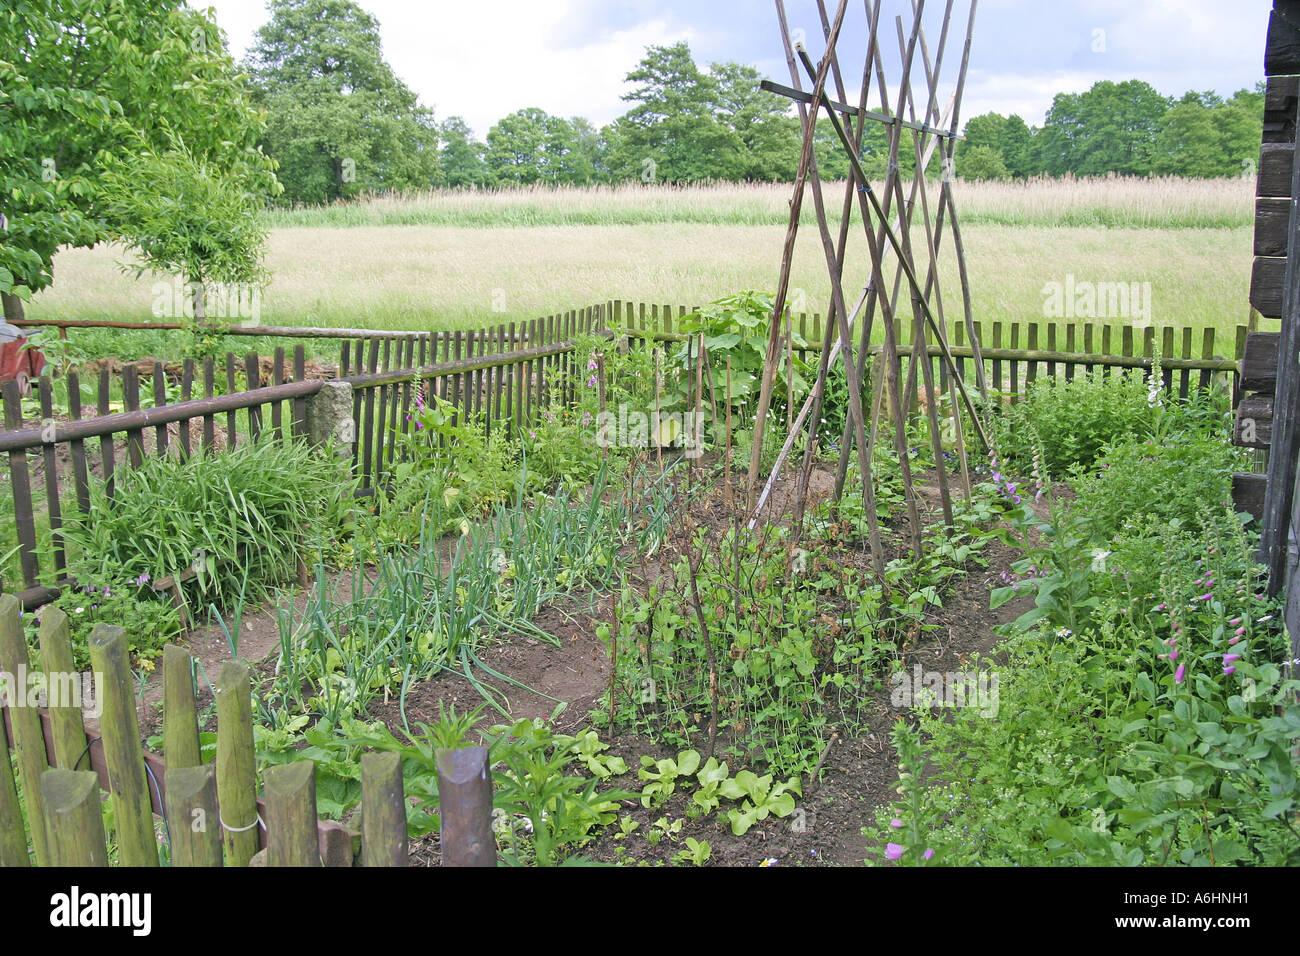 vegetable garden with onions, salad, beans and a garden fence, Garden idea